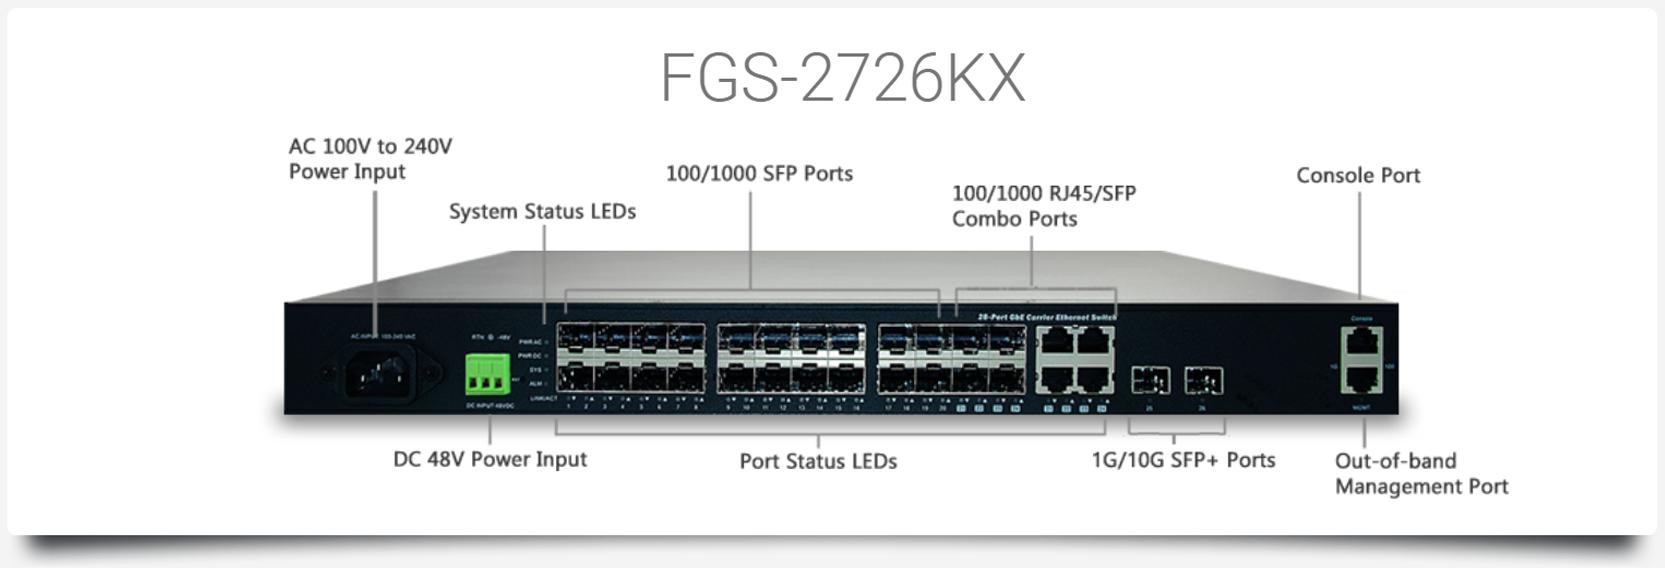 FGS-2726KX